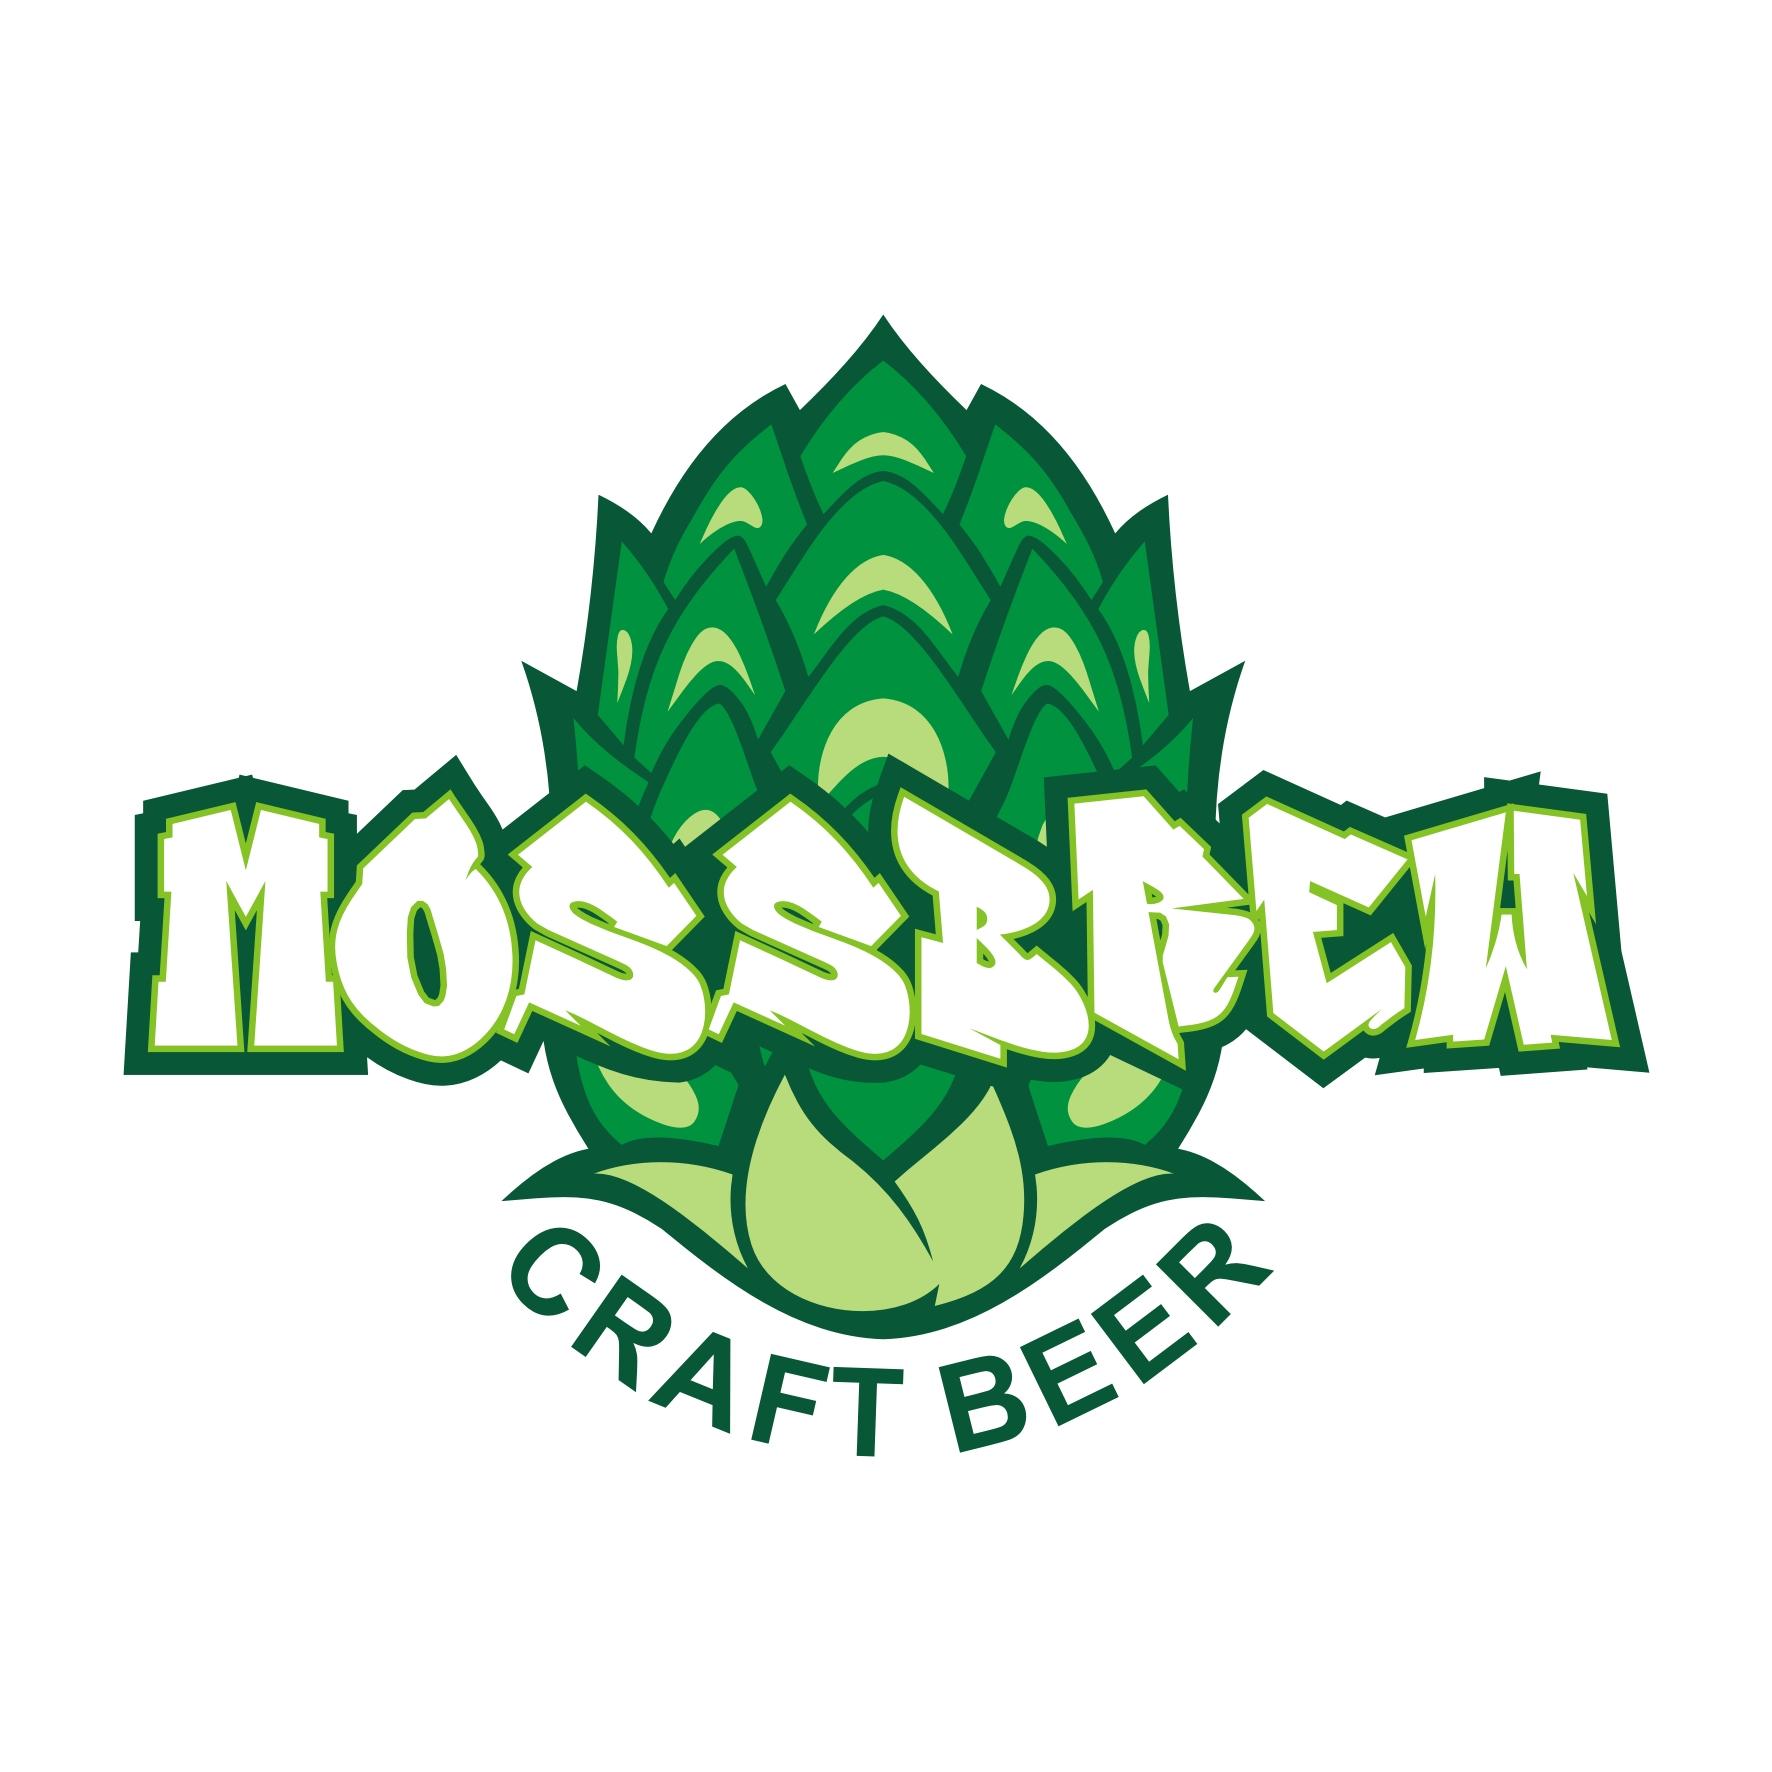 Логотип для пивоварни фото f_4165989bd276ff29.jpg